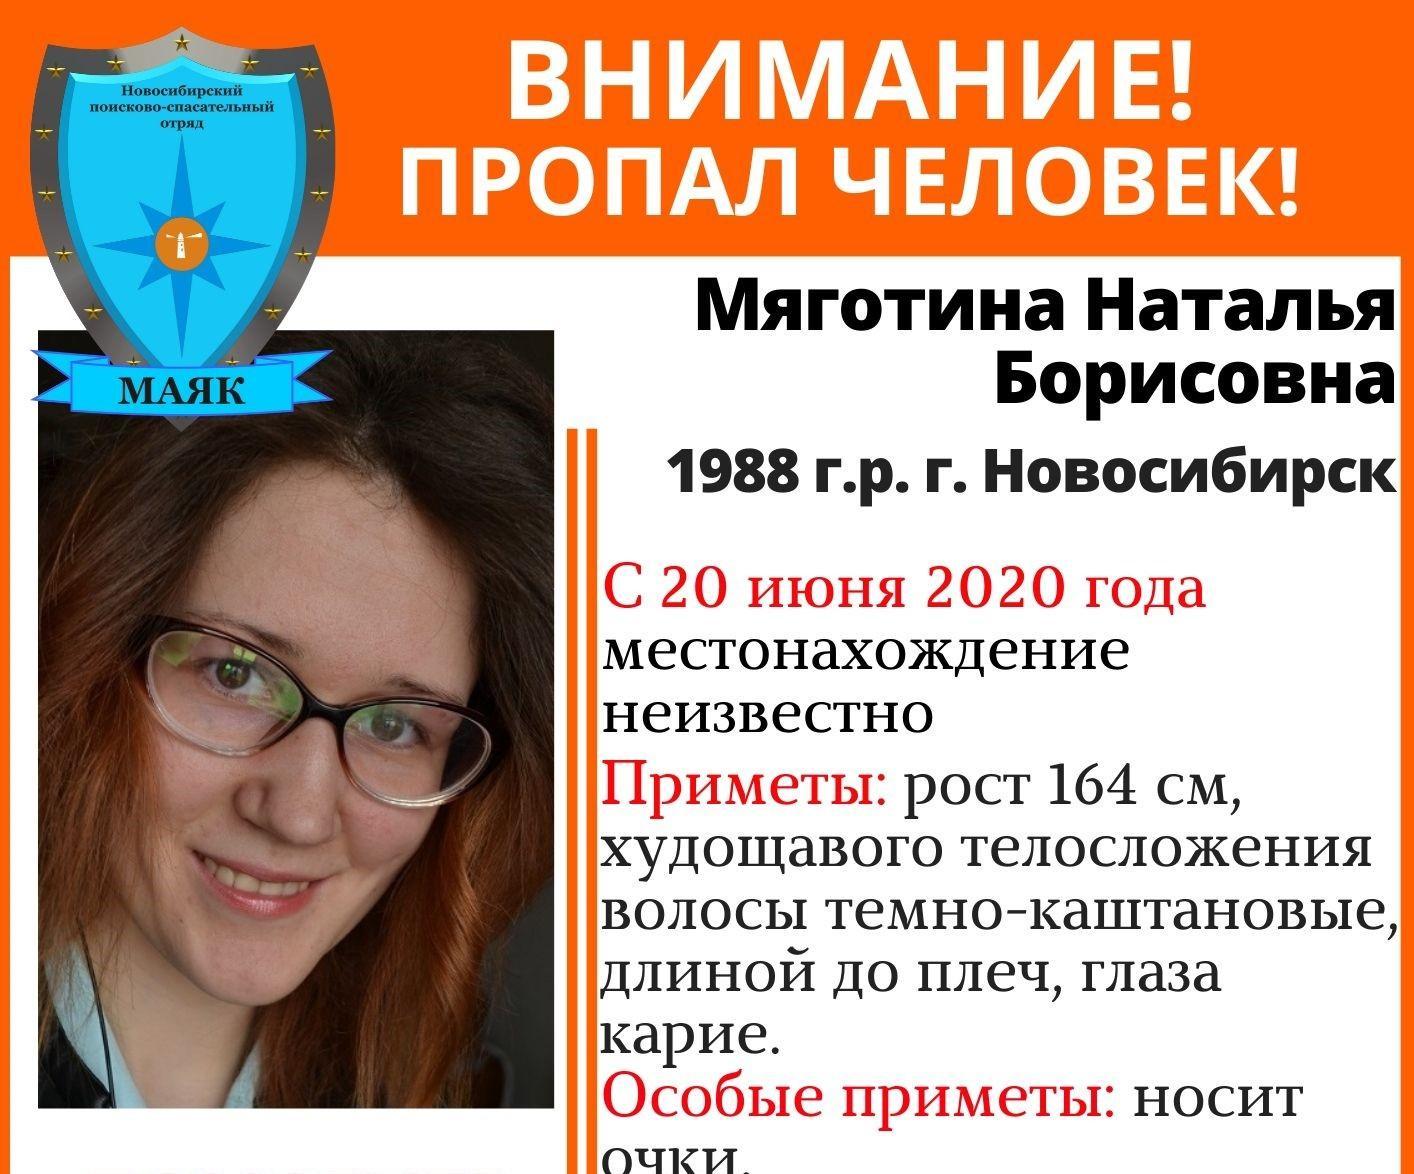 Девушки ищут работу в новосибирске виктория лычагина веб модель